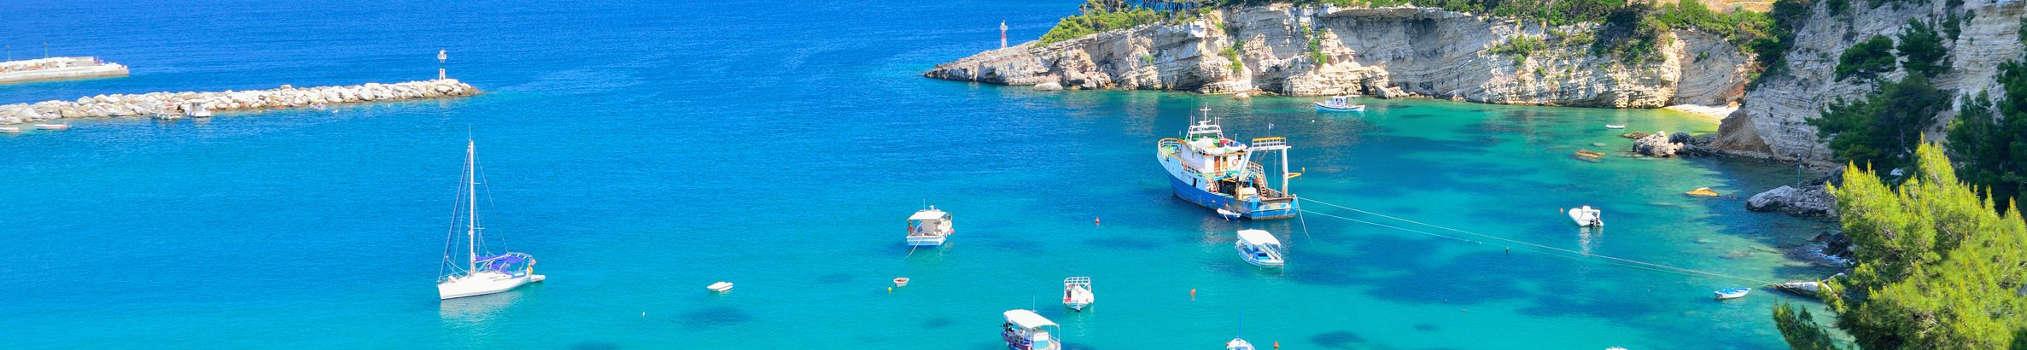 Offerta Pacchetti Vacanze Grecia a prezzi scontati - Alpitour